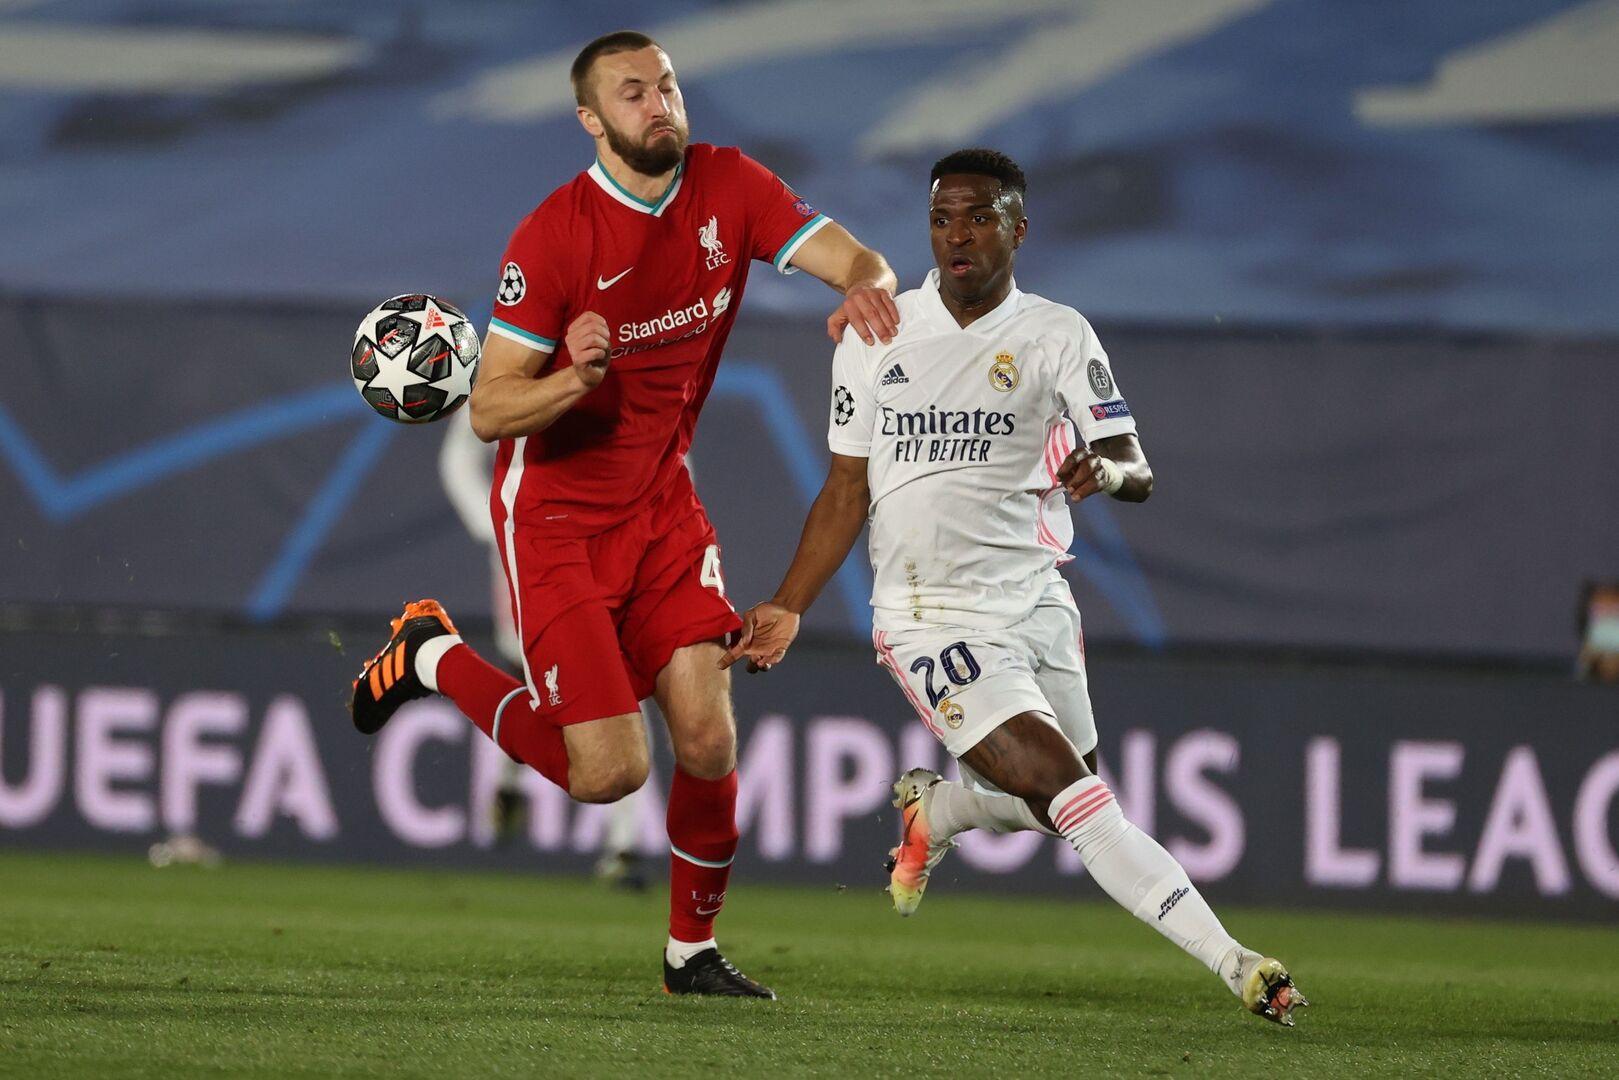 Vinicius trong khoảnh khắc vượt qua Nat Phillips để ghi bàn mở tỷ số trận thắng Liverpool 3-1 hôm 7/4. Ảnh: EFE